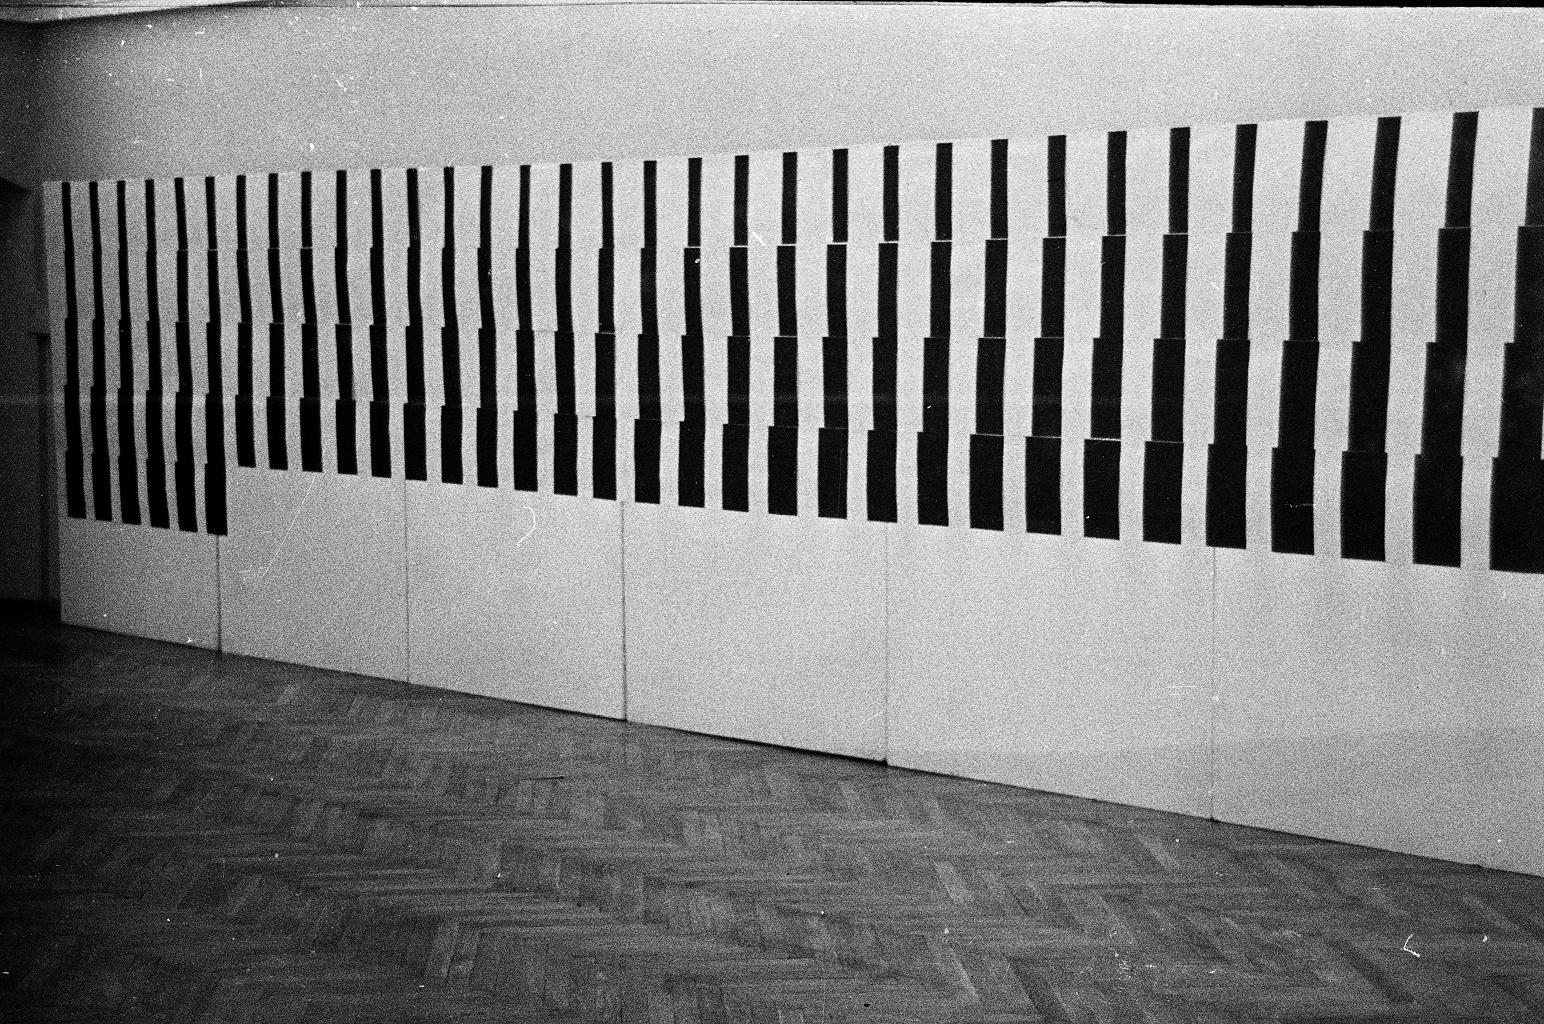 Barbara Kozłowska, Negatywy Fikcji 2, 1976